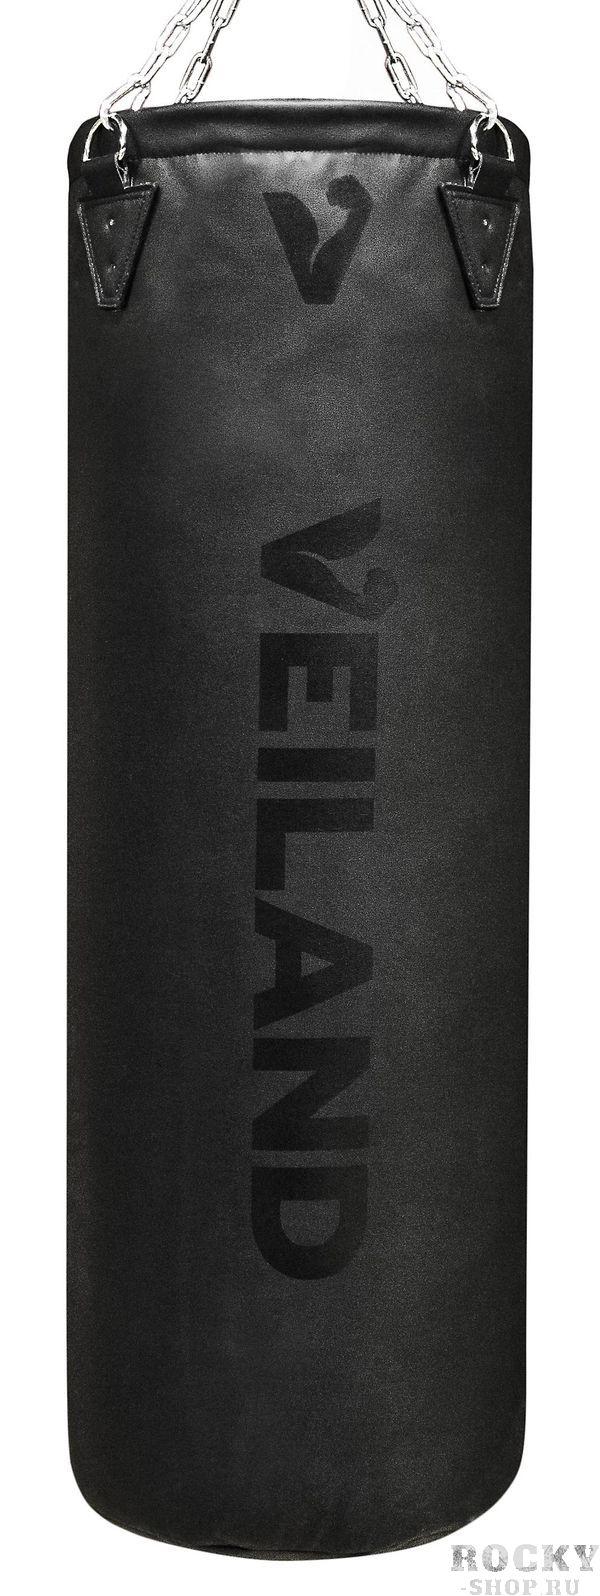 Боксерский мешок Veiland Thai Style, рециклированная кожа, 180 х 40см, 80кг Veiland